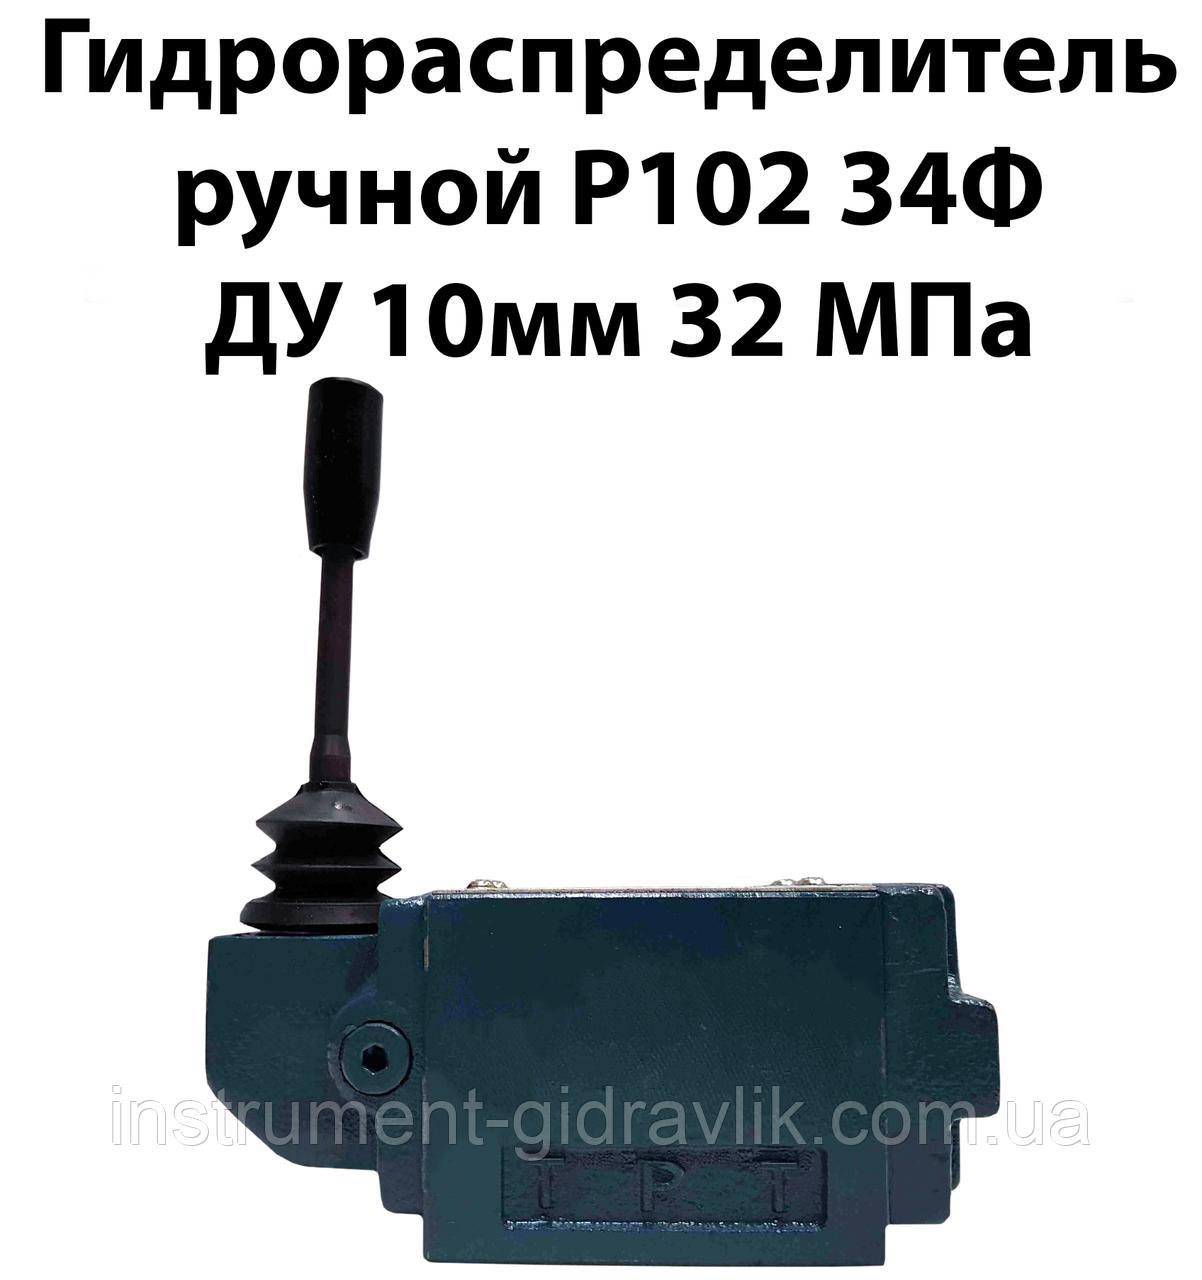 Гідророзподільник ручної Р102 34Ф Ду 10мм 32Мпа